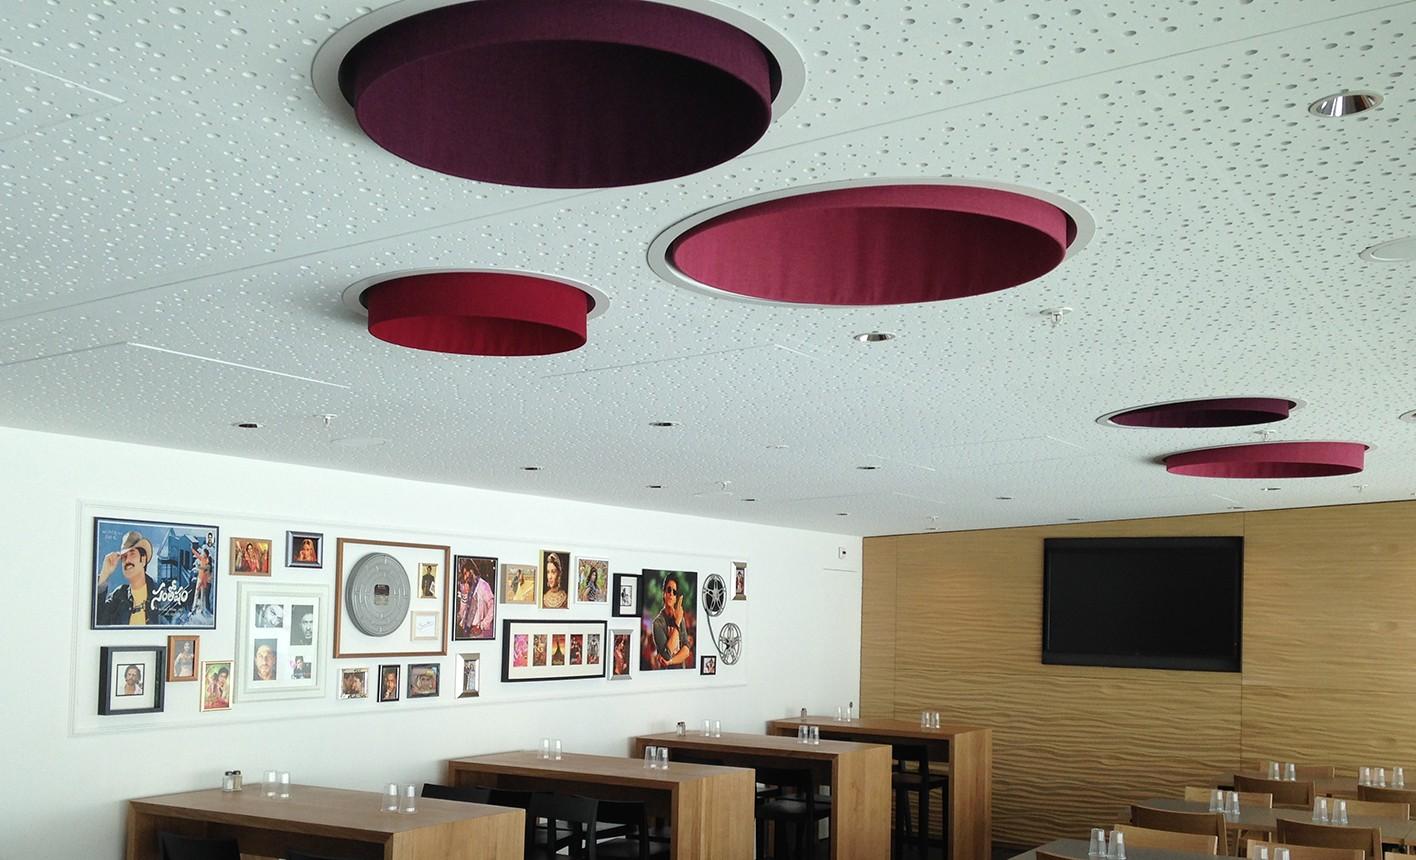 innenarchitektur gletscherrestaurant jungfraujoch - atelier 10punkt3 ...